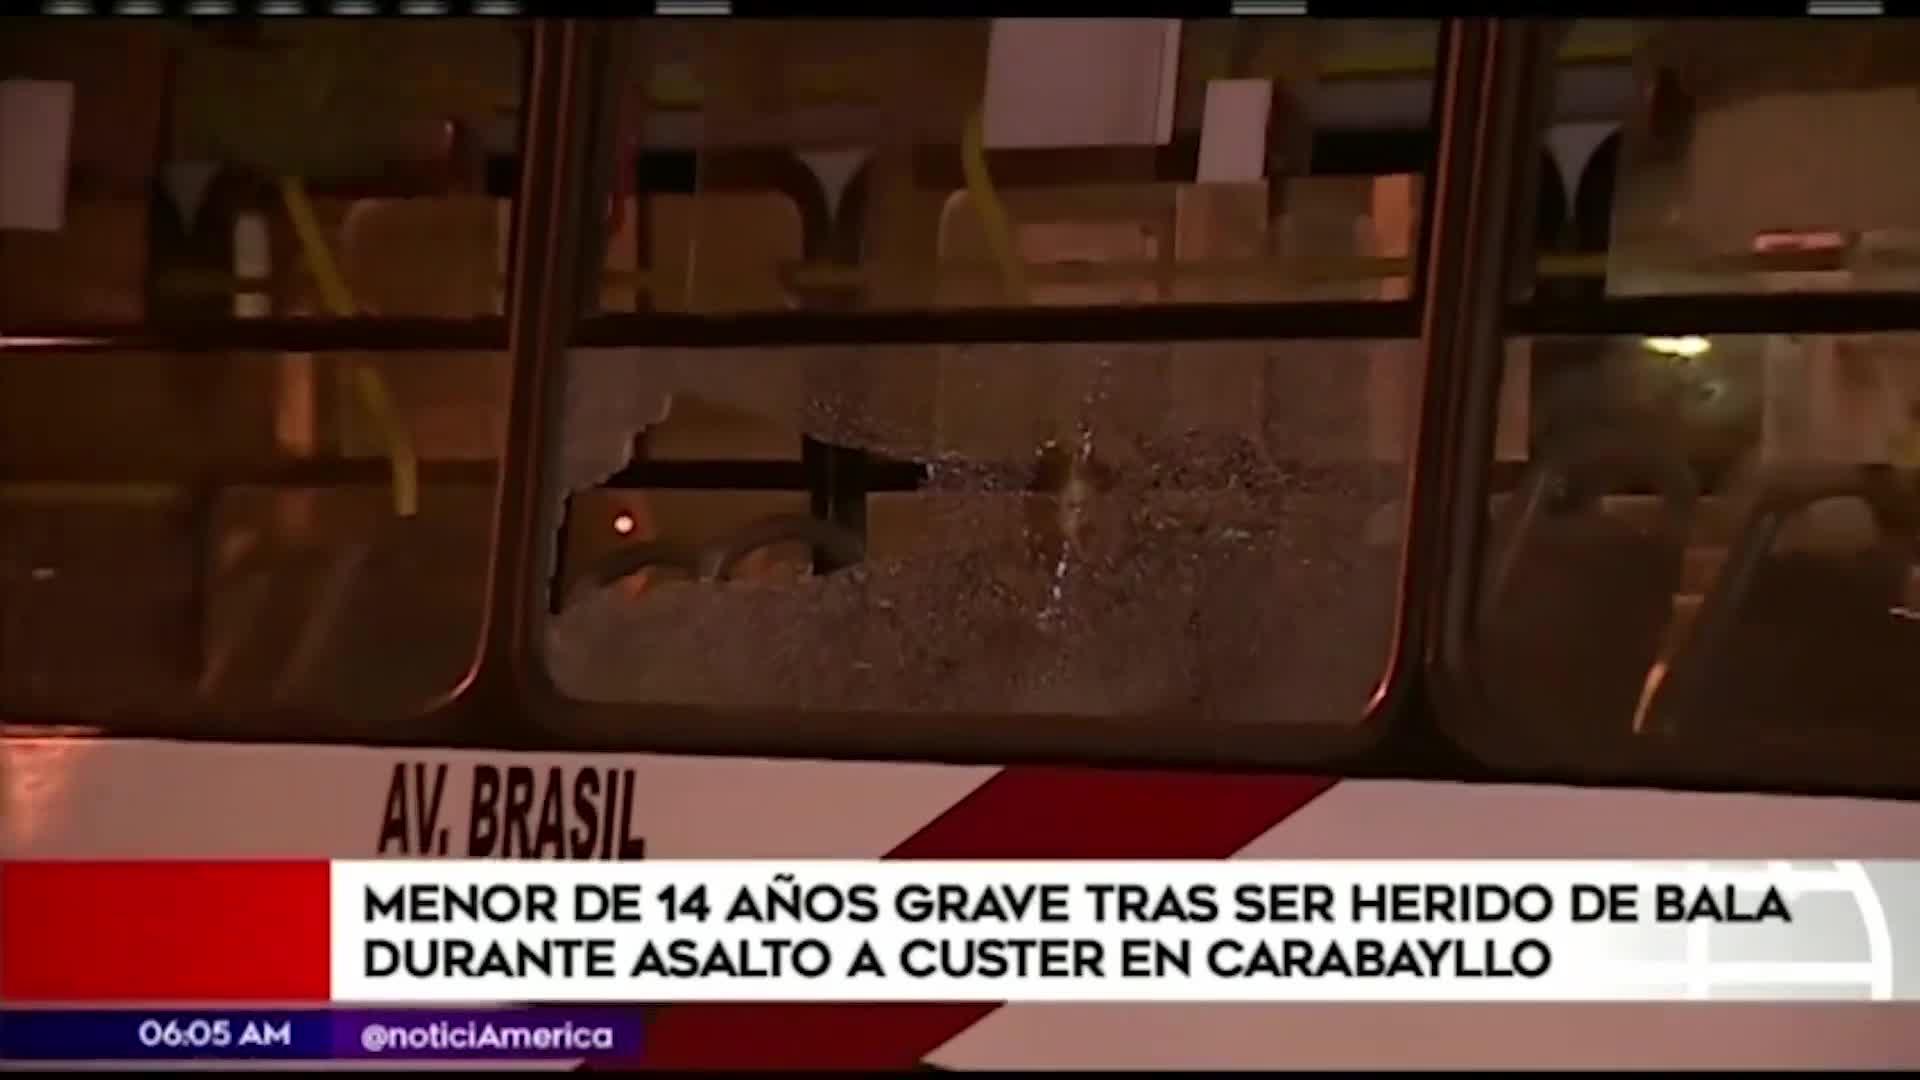 Carabayllo: Escolar queda grave tras ser herido de bala durante asalto a bus